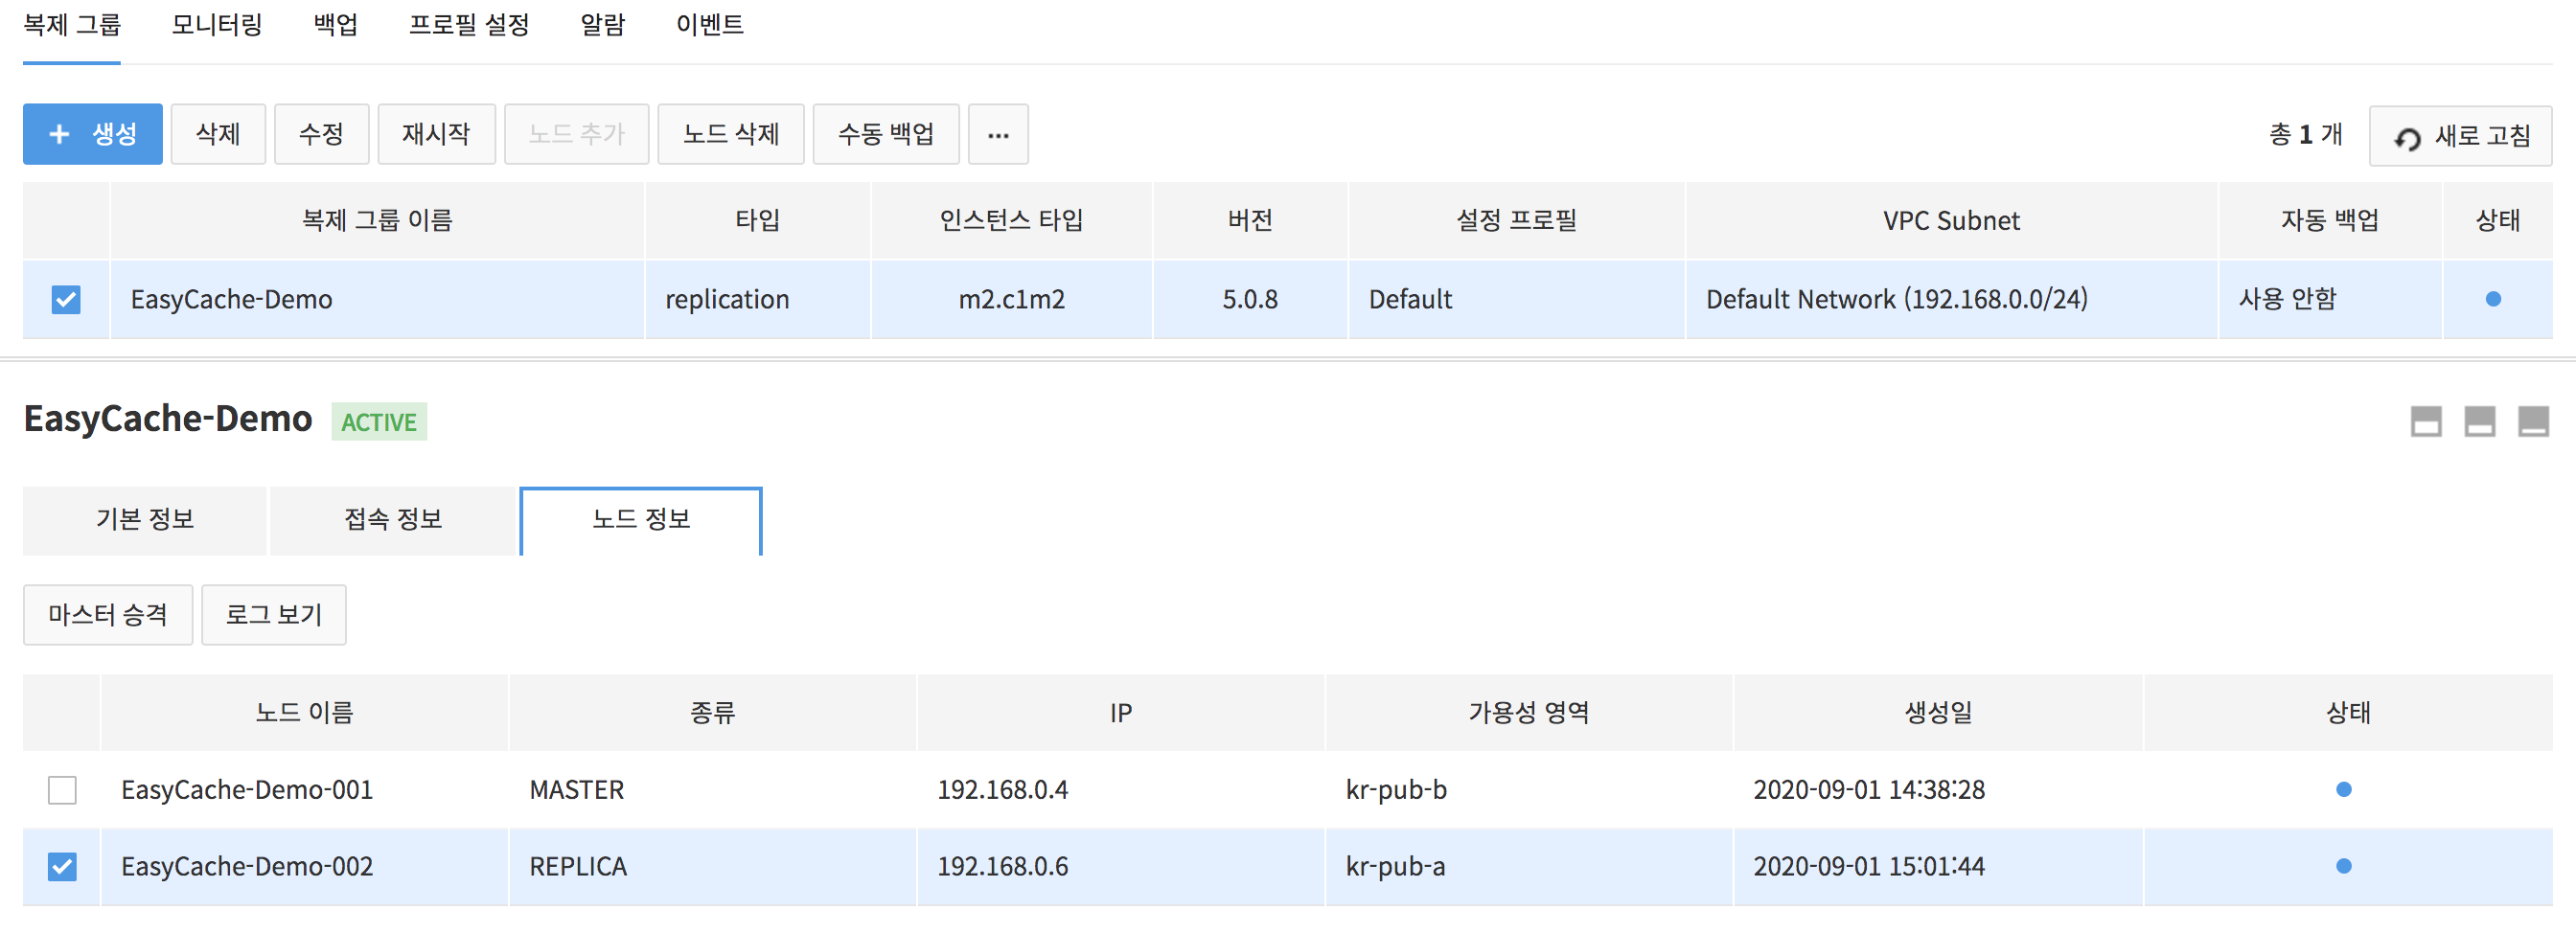 rep_node_info_001.PNG